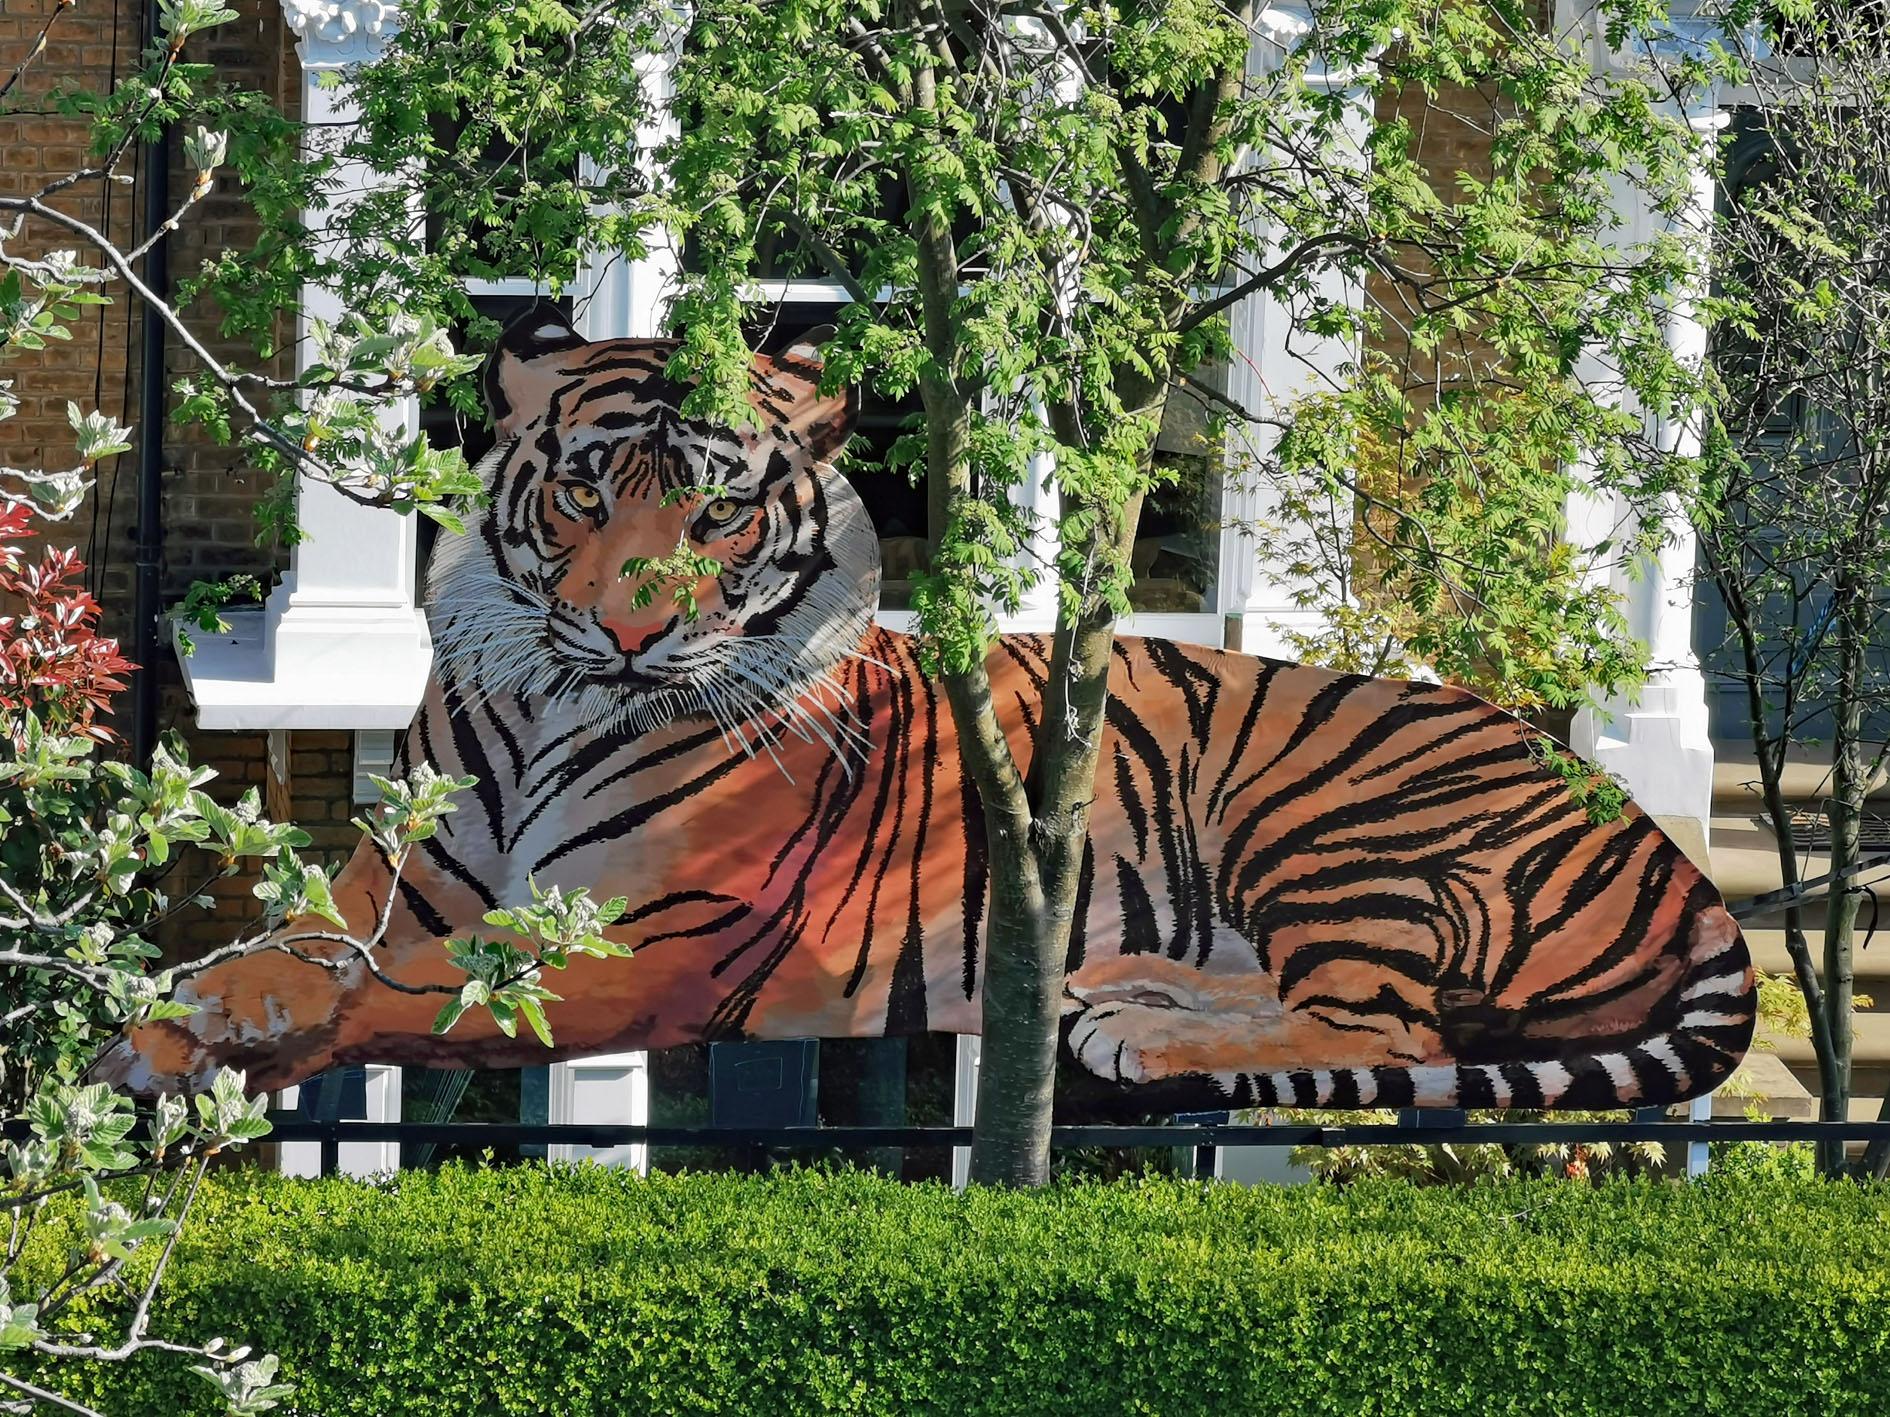 Tiger installation